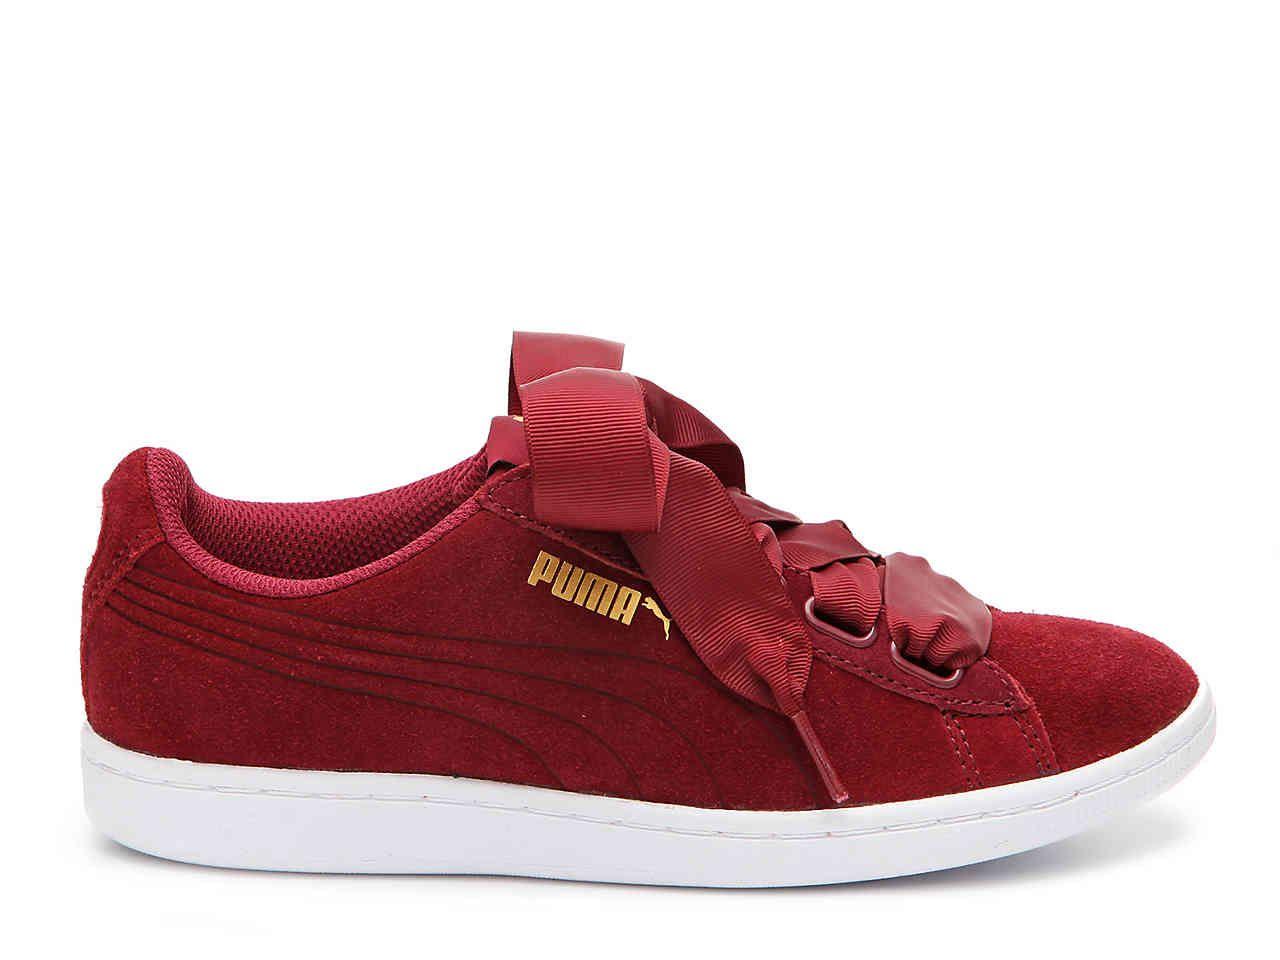 Puma Vikky Ribbon Sneaker - Women's